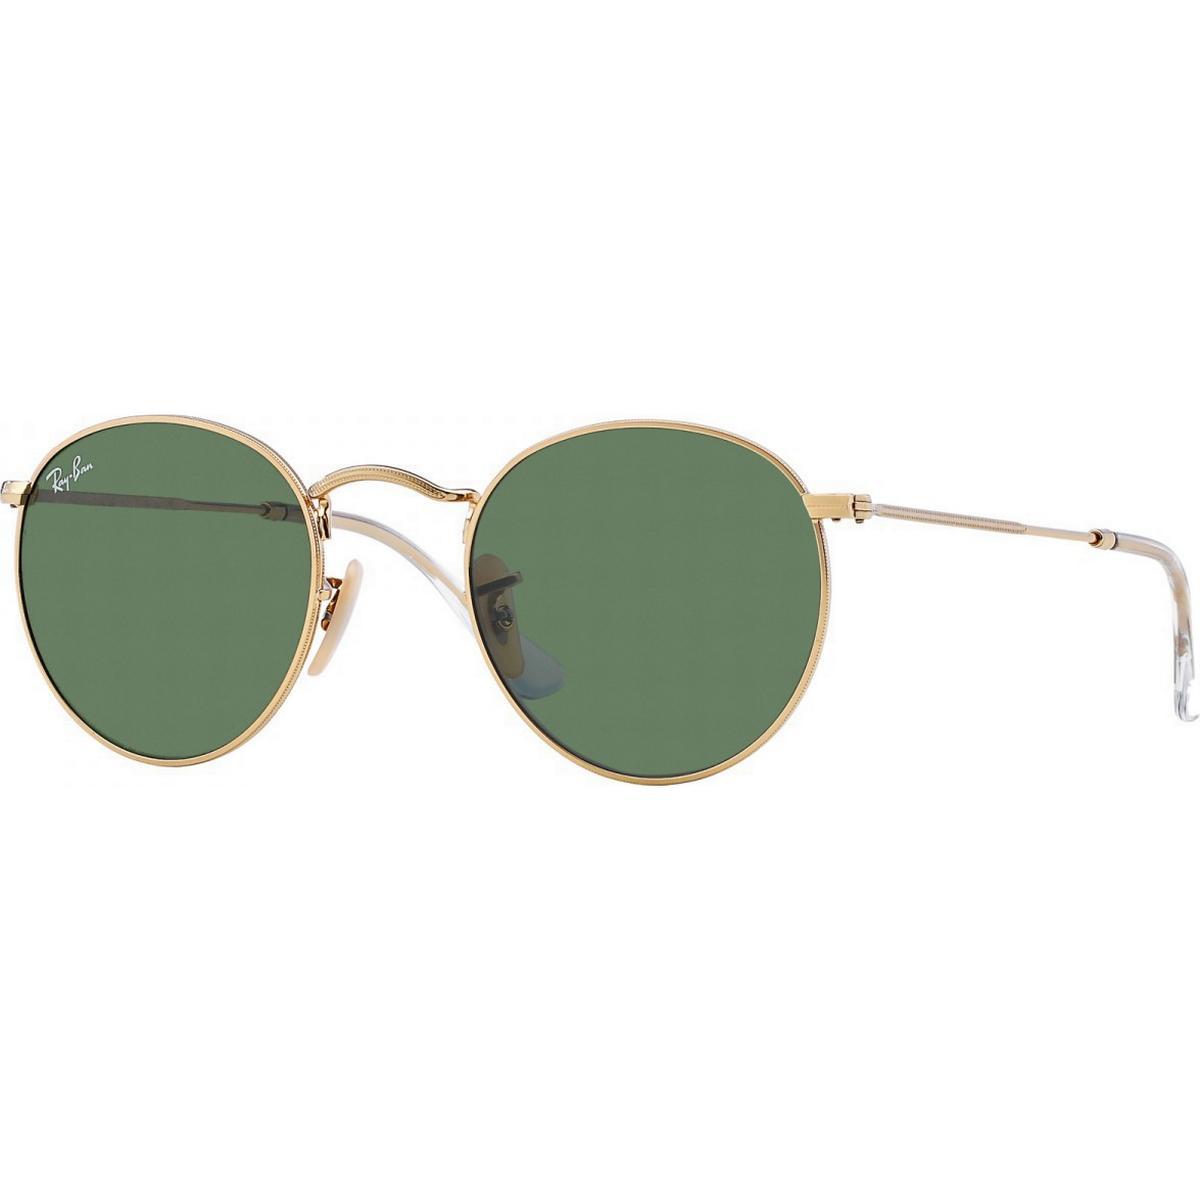 c42139b94 Solbriller - Sammenlign priser på solbriller hos PriceRunner